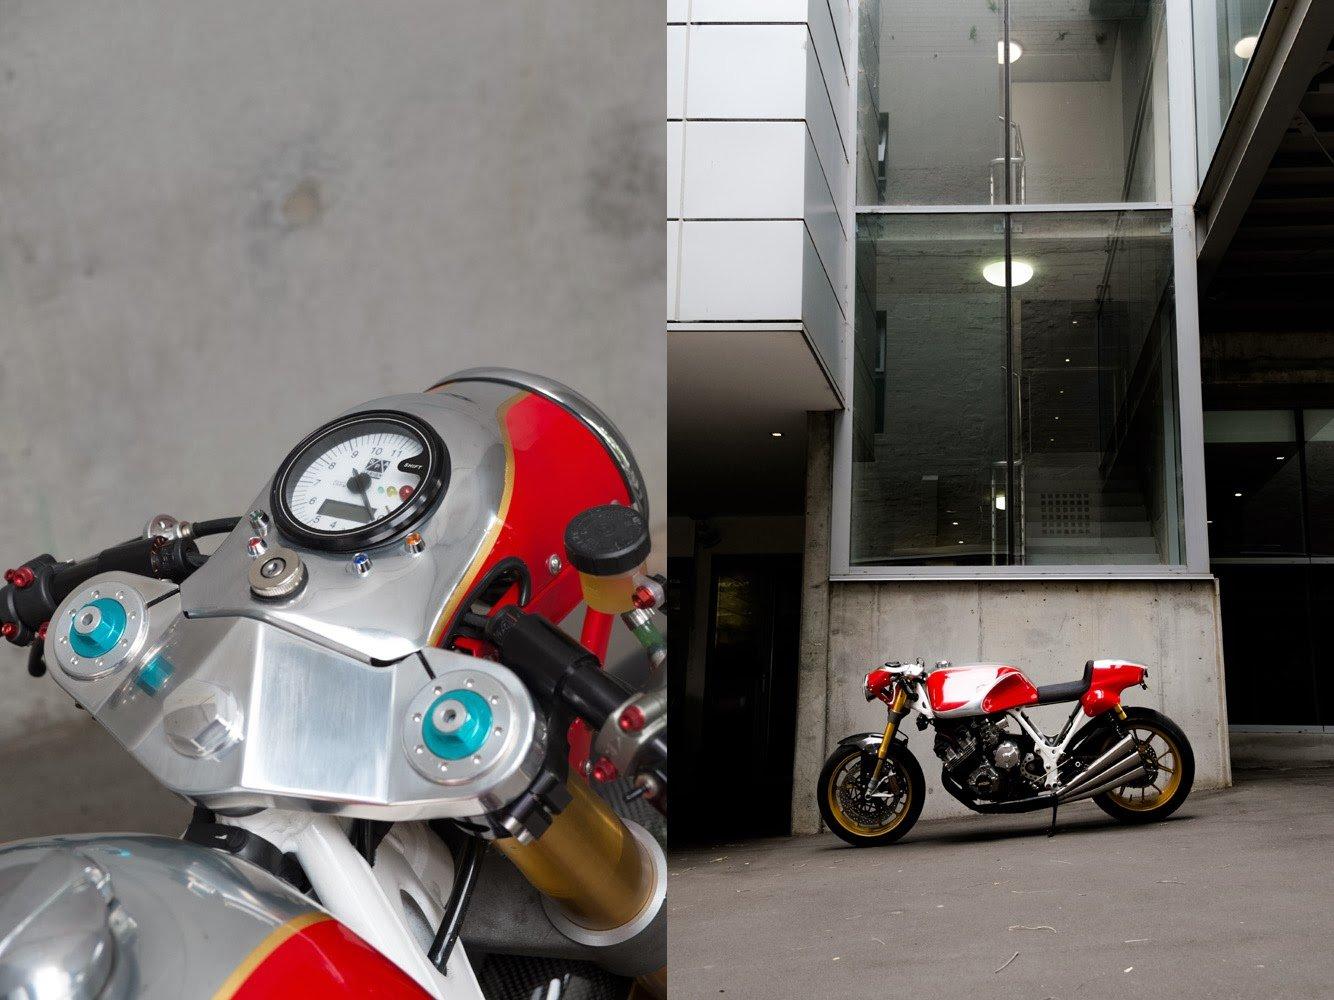 Honda-CBX-Caferacer-8.jpg